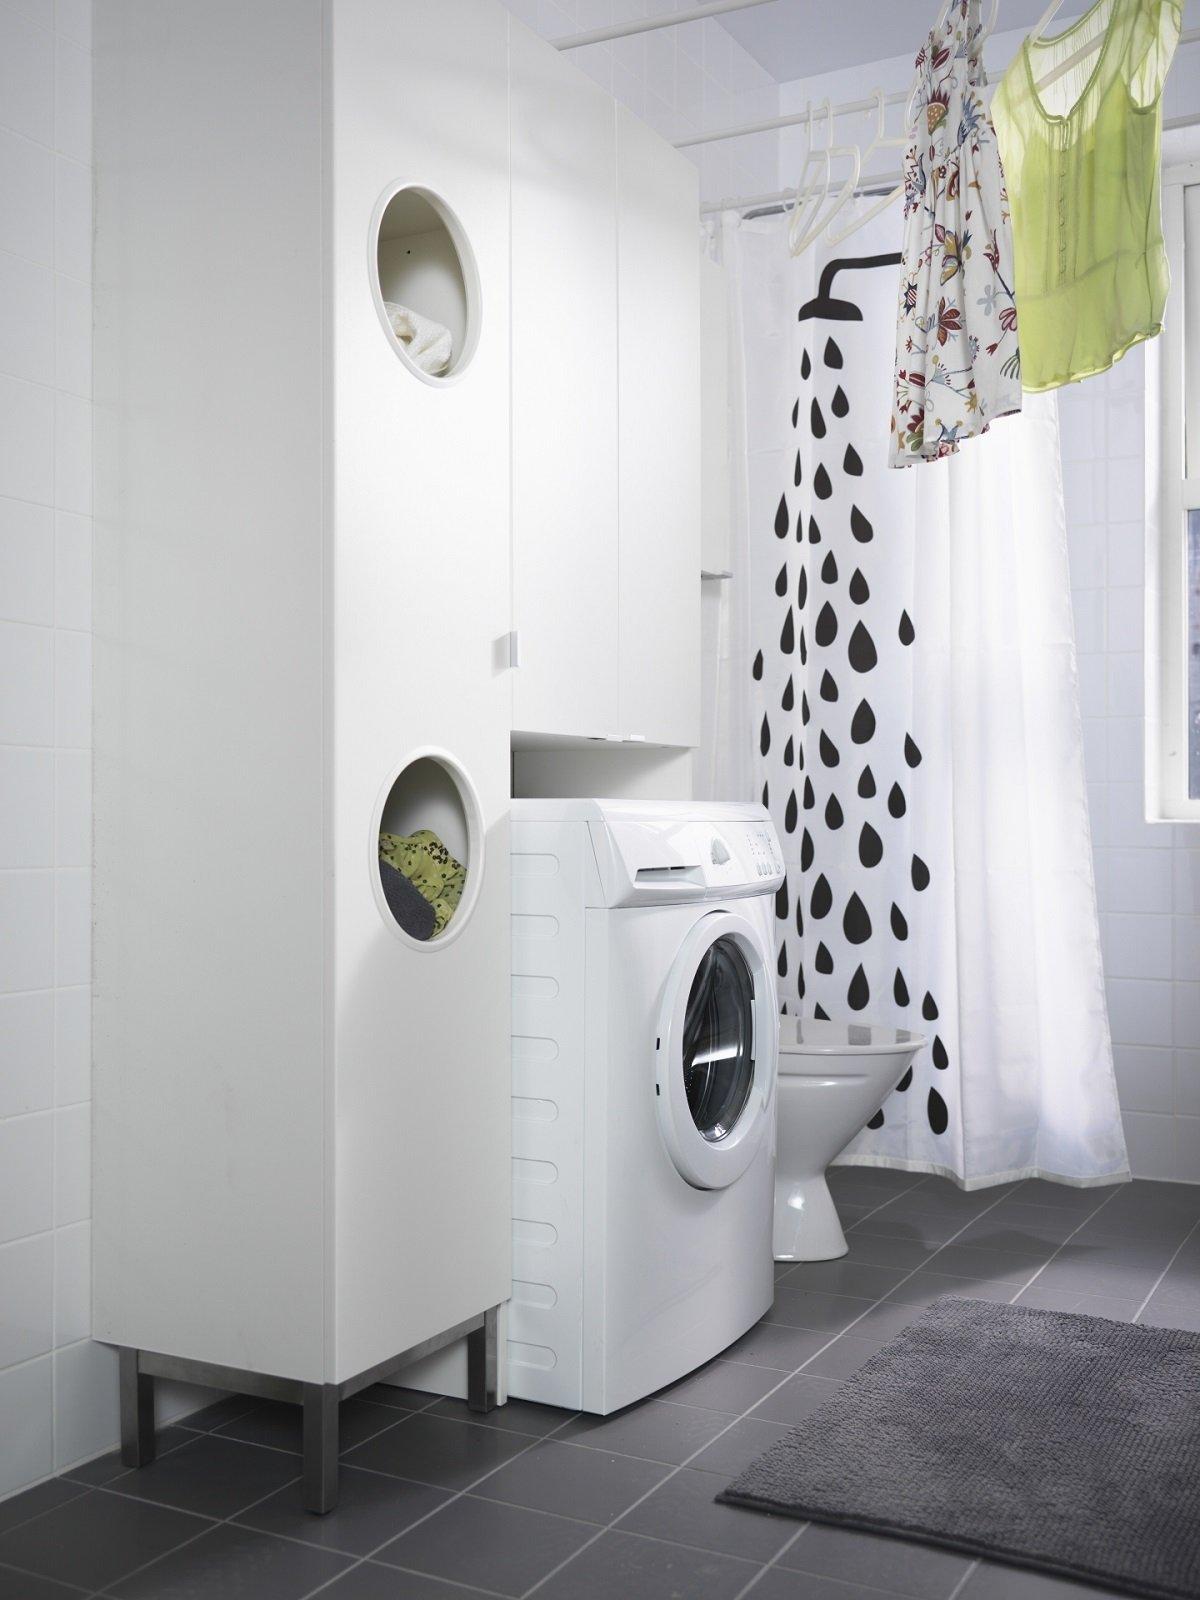 Lavanderia in bagno cose di casa - Ikea mobile per lavatrice ...